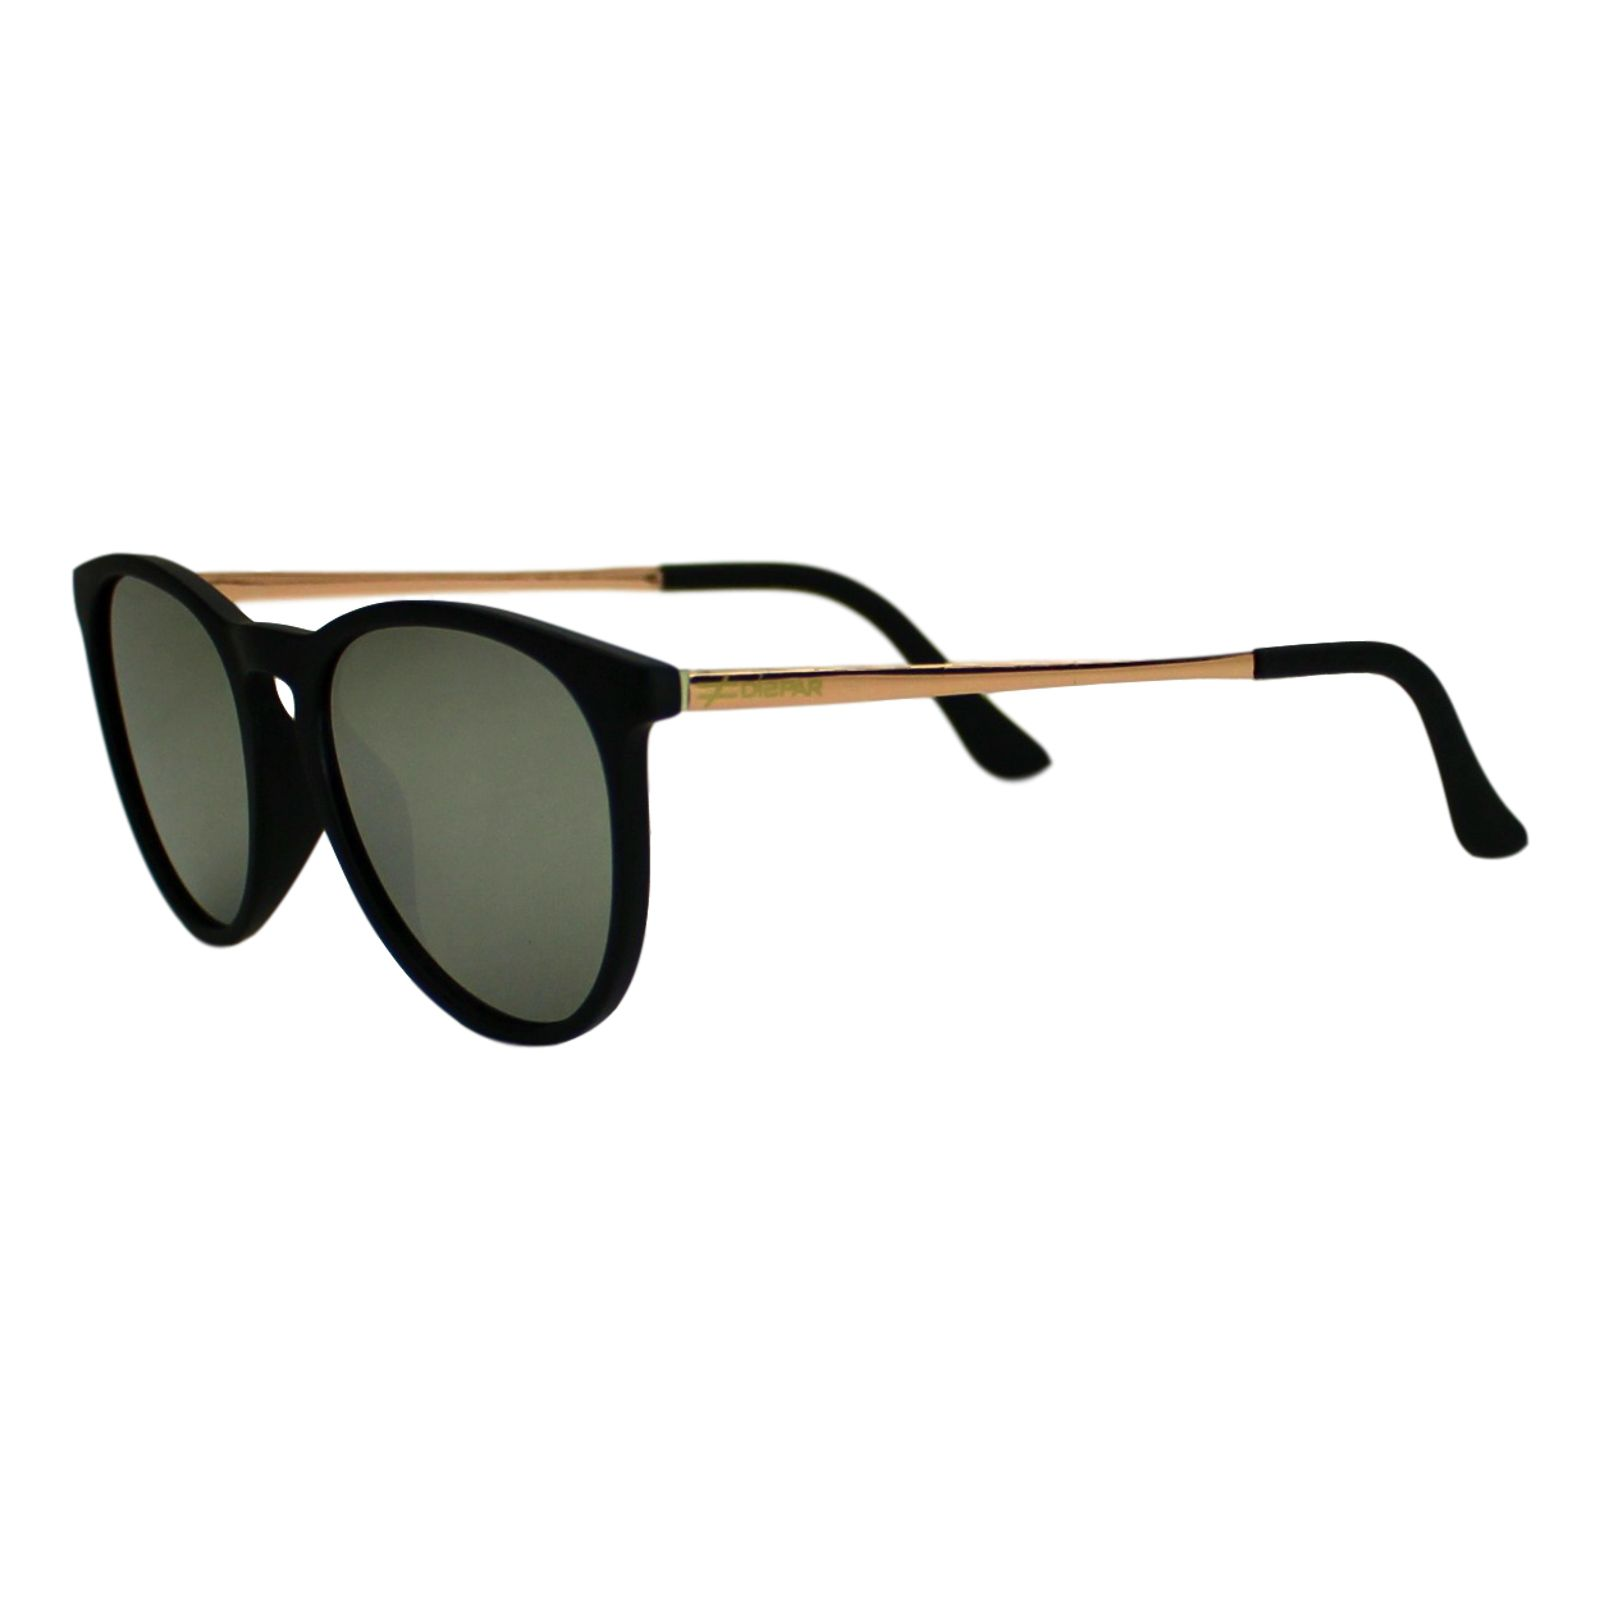 0d36bcb05a147 Óculos De Sol Díspar D1892 Prata